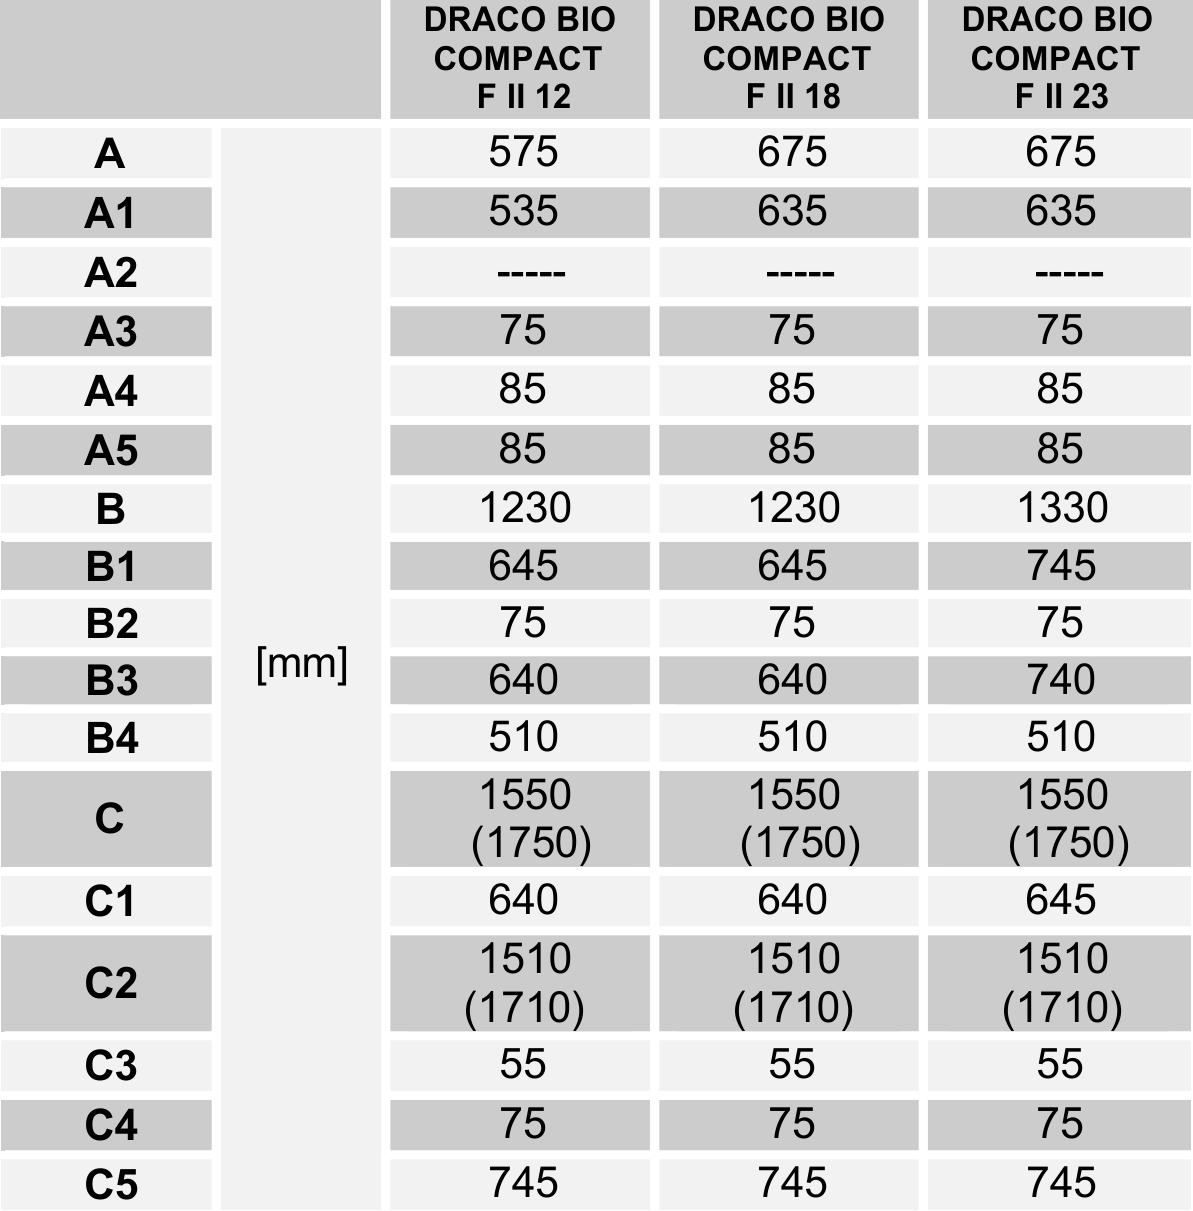 Wymiary kotła DRACO BIO COMPACT F II